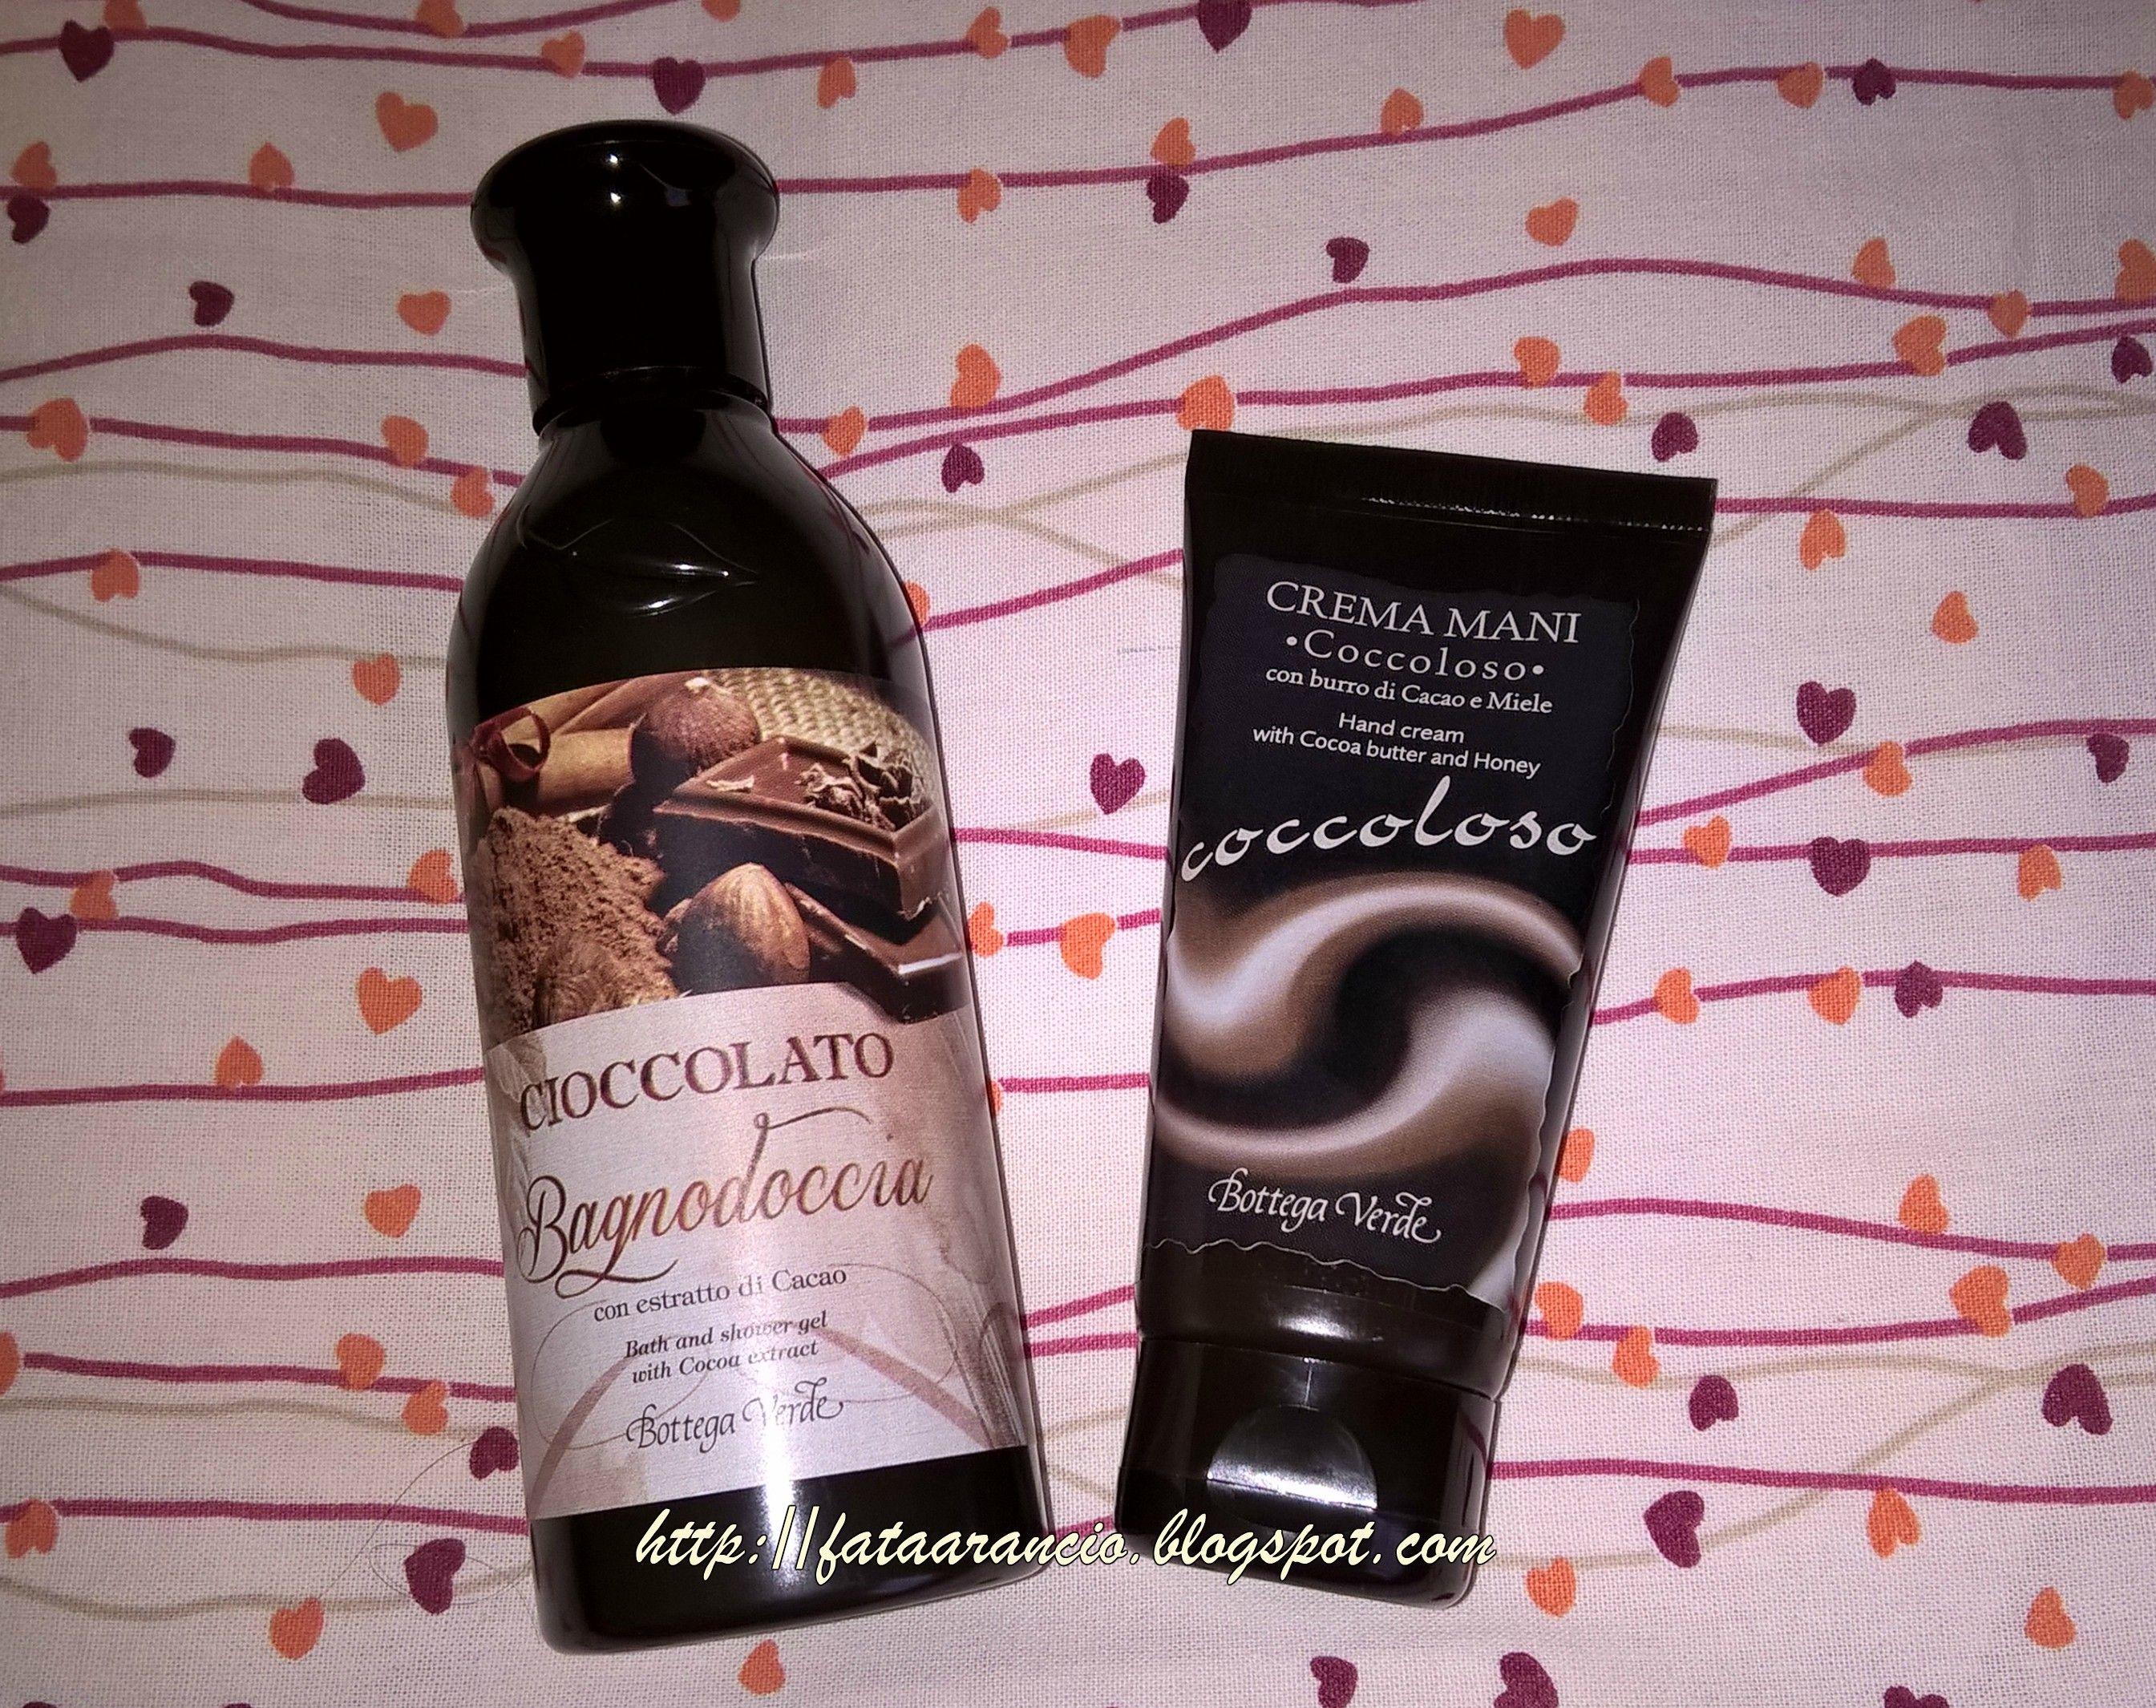 Bagno Doccia Bottega Verde : Bottega verde cioccolato bagnoschiuma e coccoloso crema mani